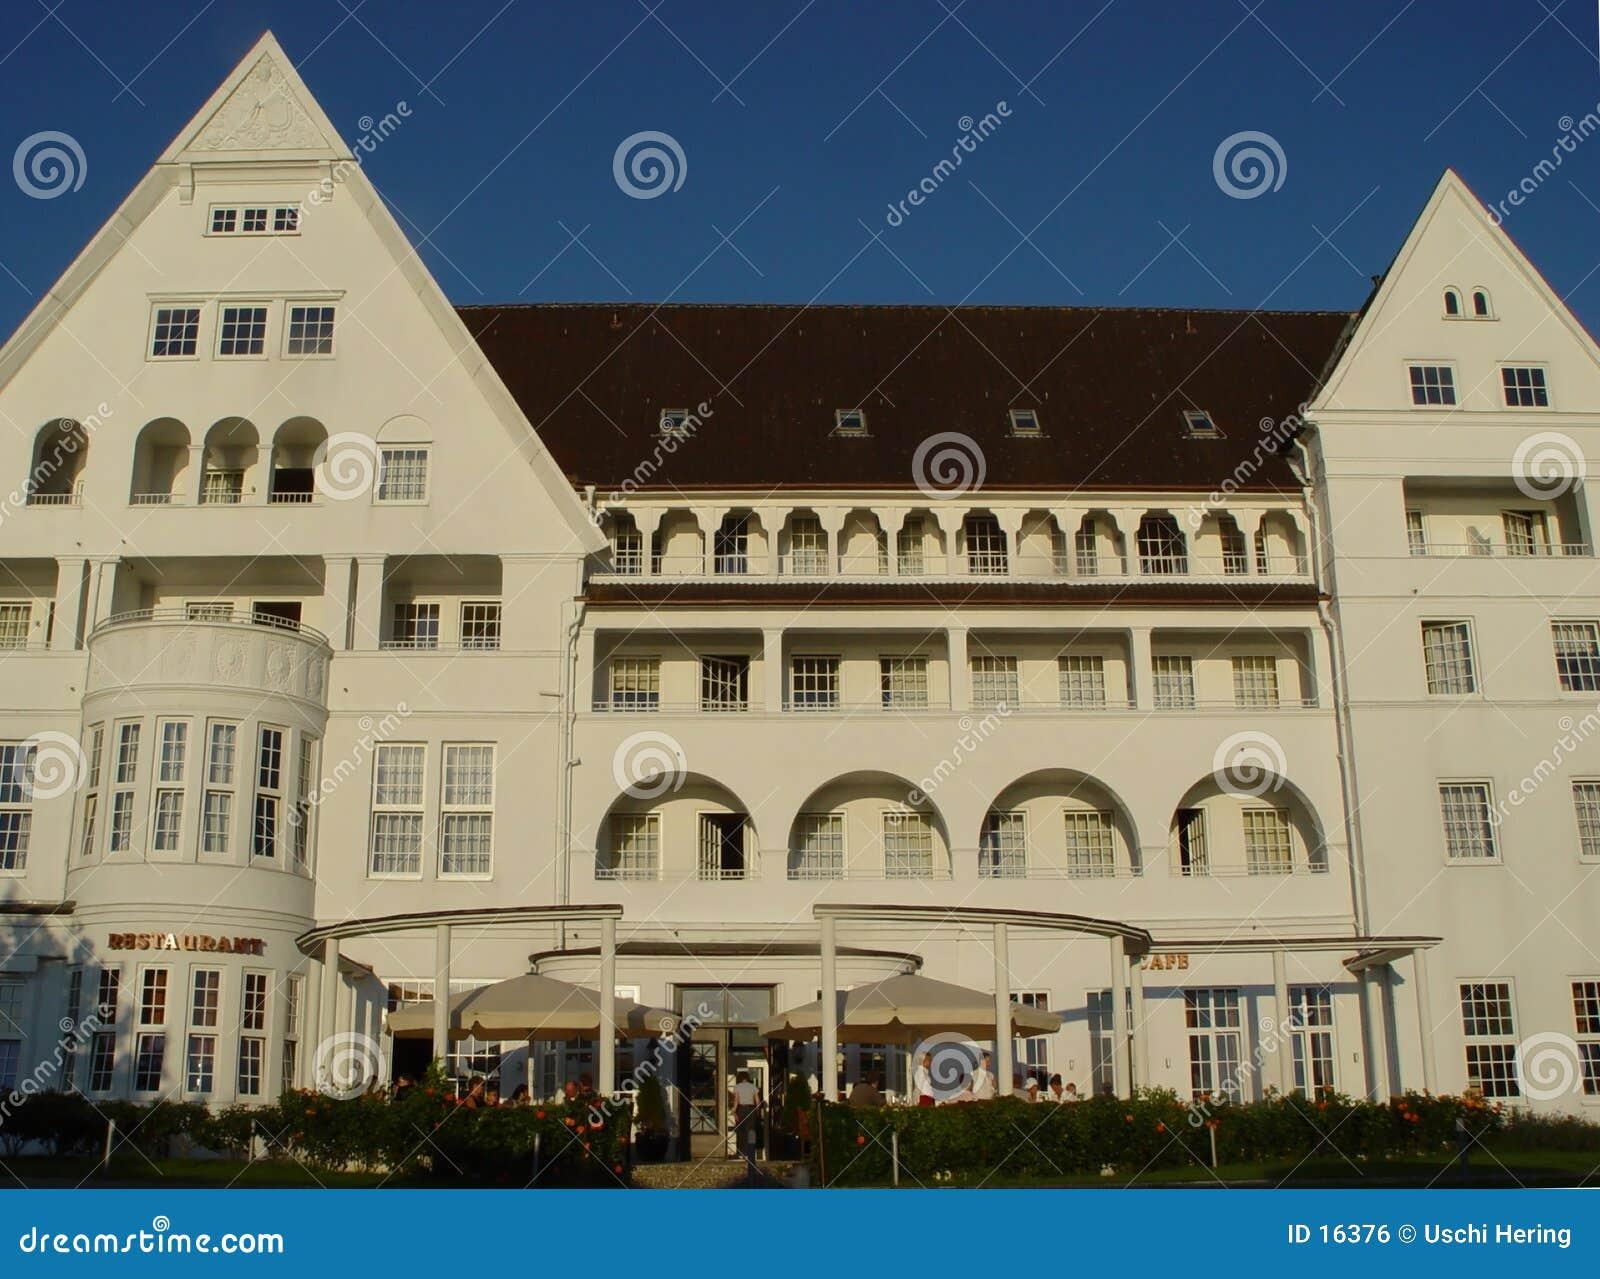 Hotel de centro turístico viejo del mar